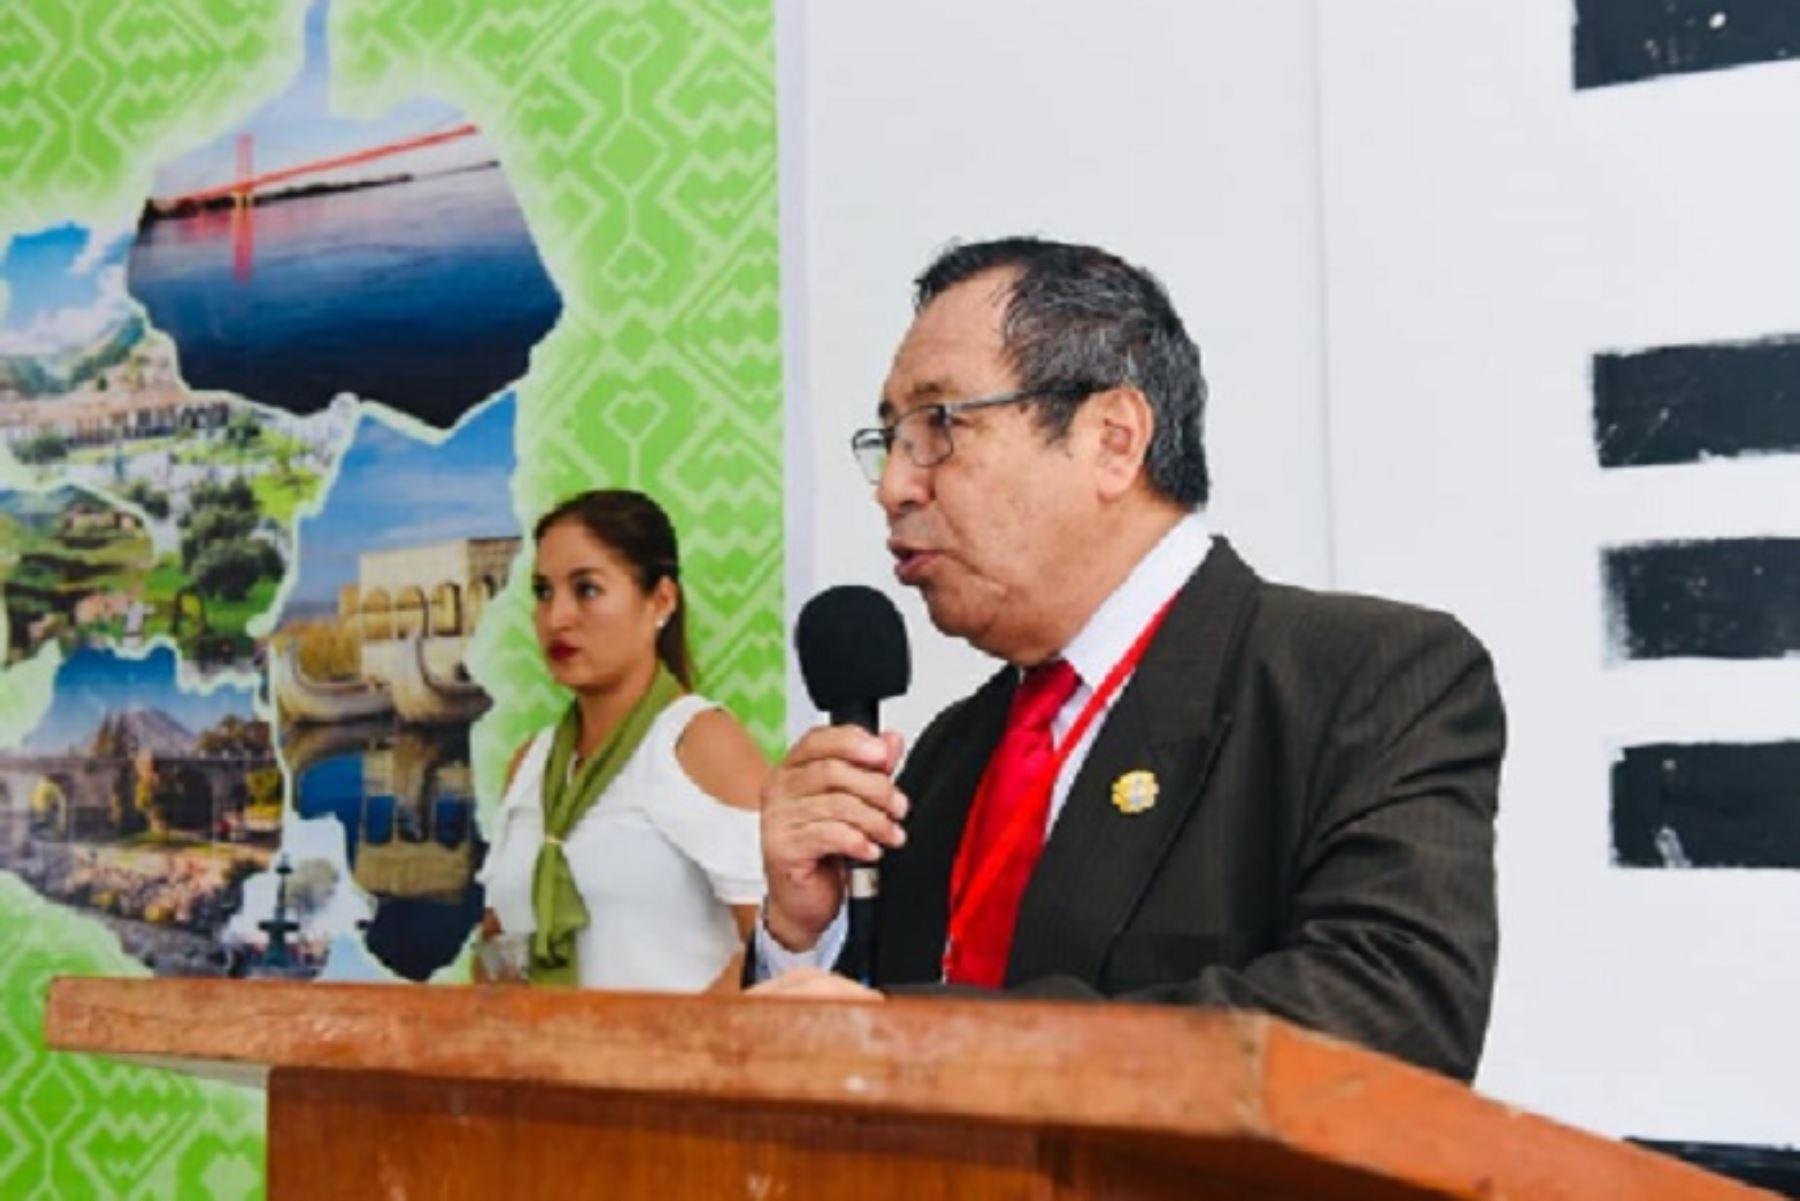 Gobernador Luis Hidalgo informó que acudirá a la cita llevando los expedientes técnicos para la ejecución de las obras de los hospitales Santa Rosa de Puerto Maldonado y San Martín de Porres de Iberia, entre otros importantes proyectos de inversión pública. Foto: ANDINA/Difusión.